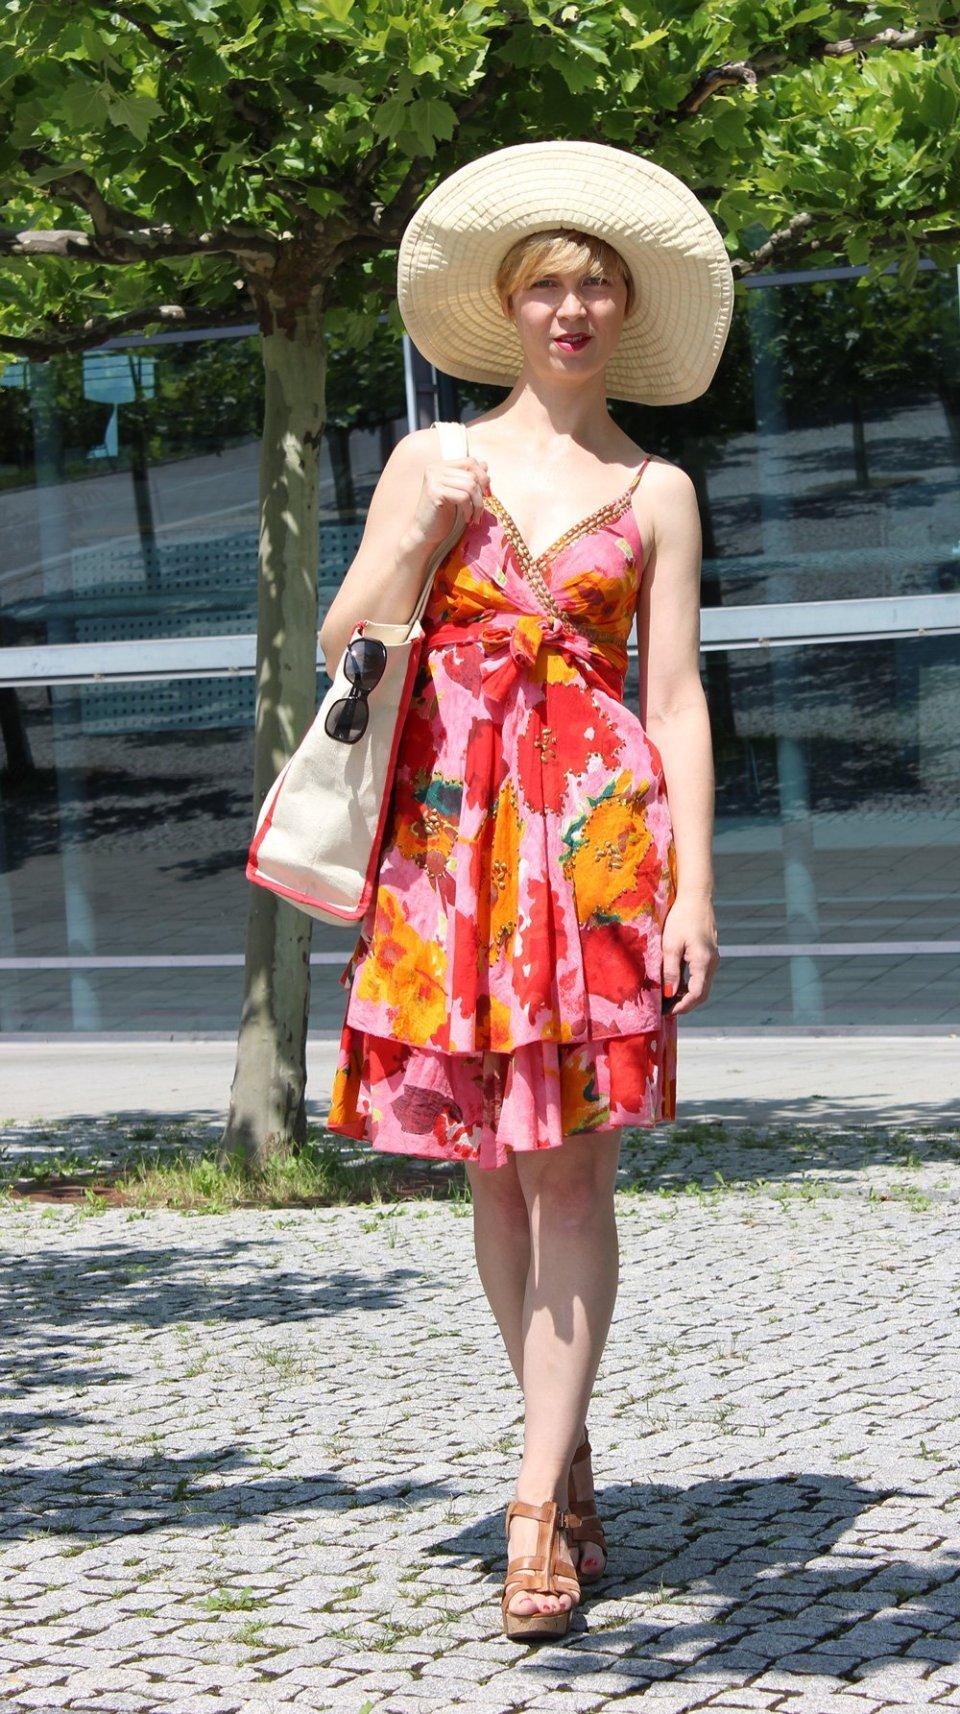 IMG_9667a_Flowerdress_BenettonHat_PaulGreenshoes